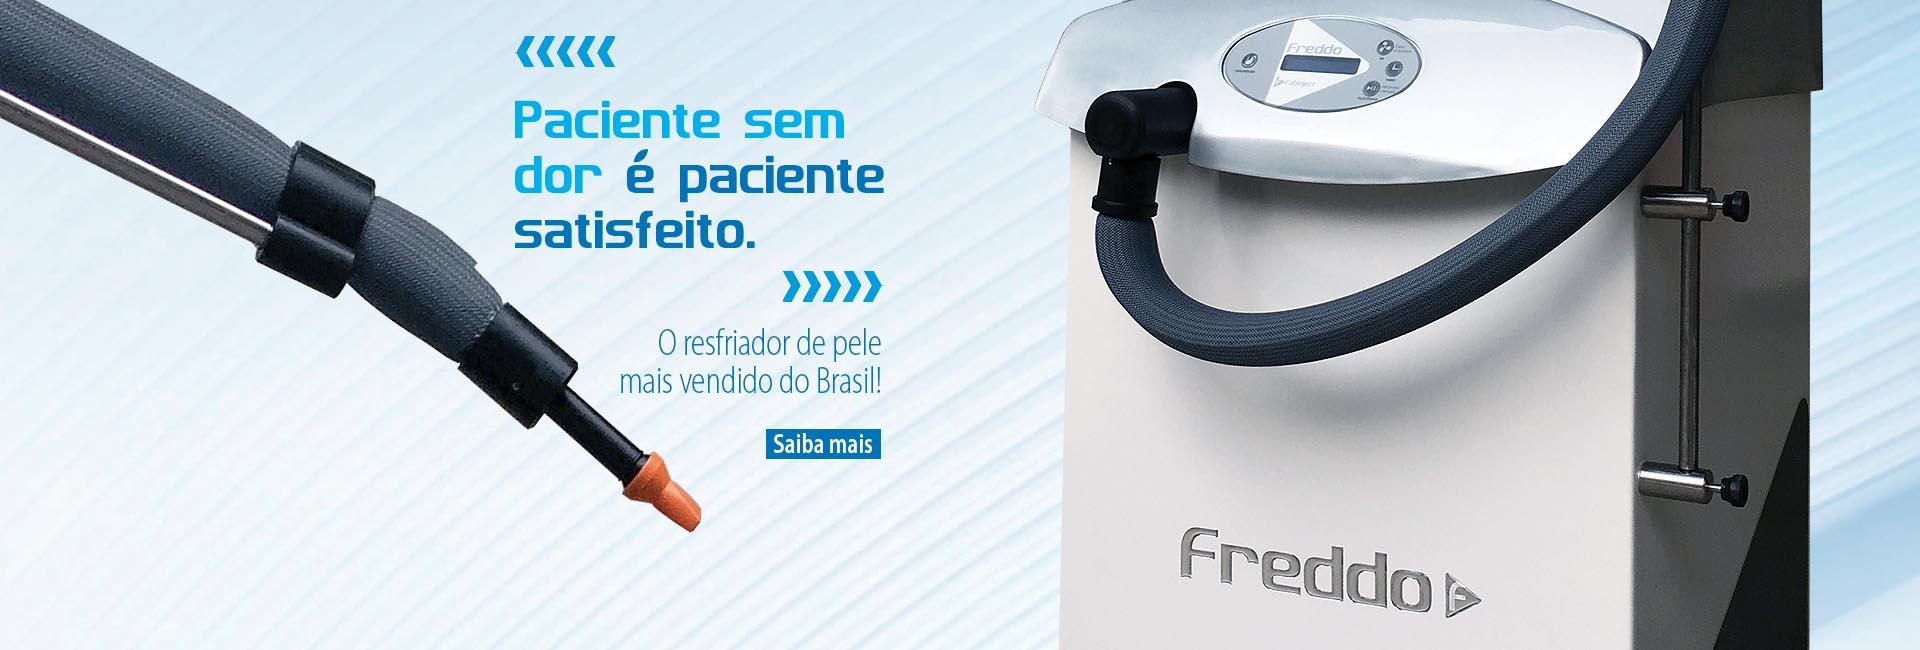 Banner Freddo